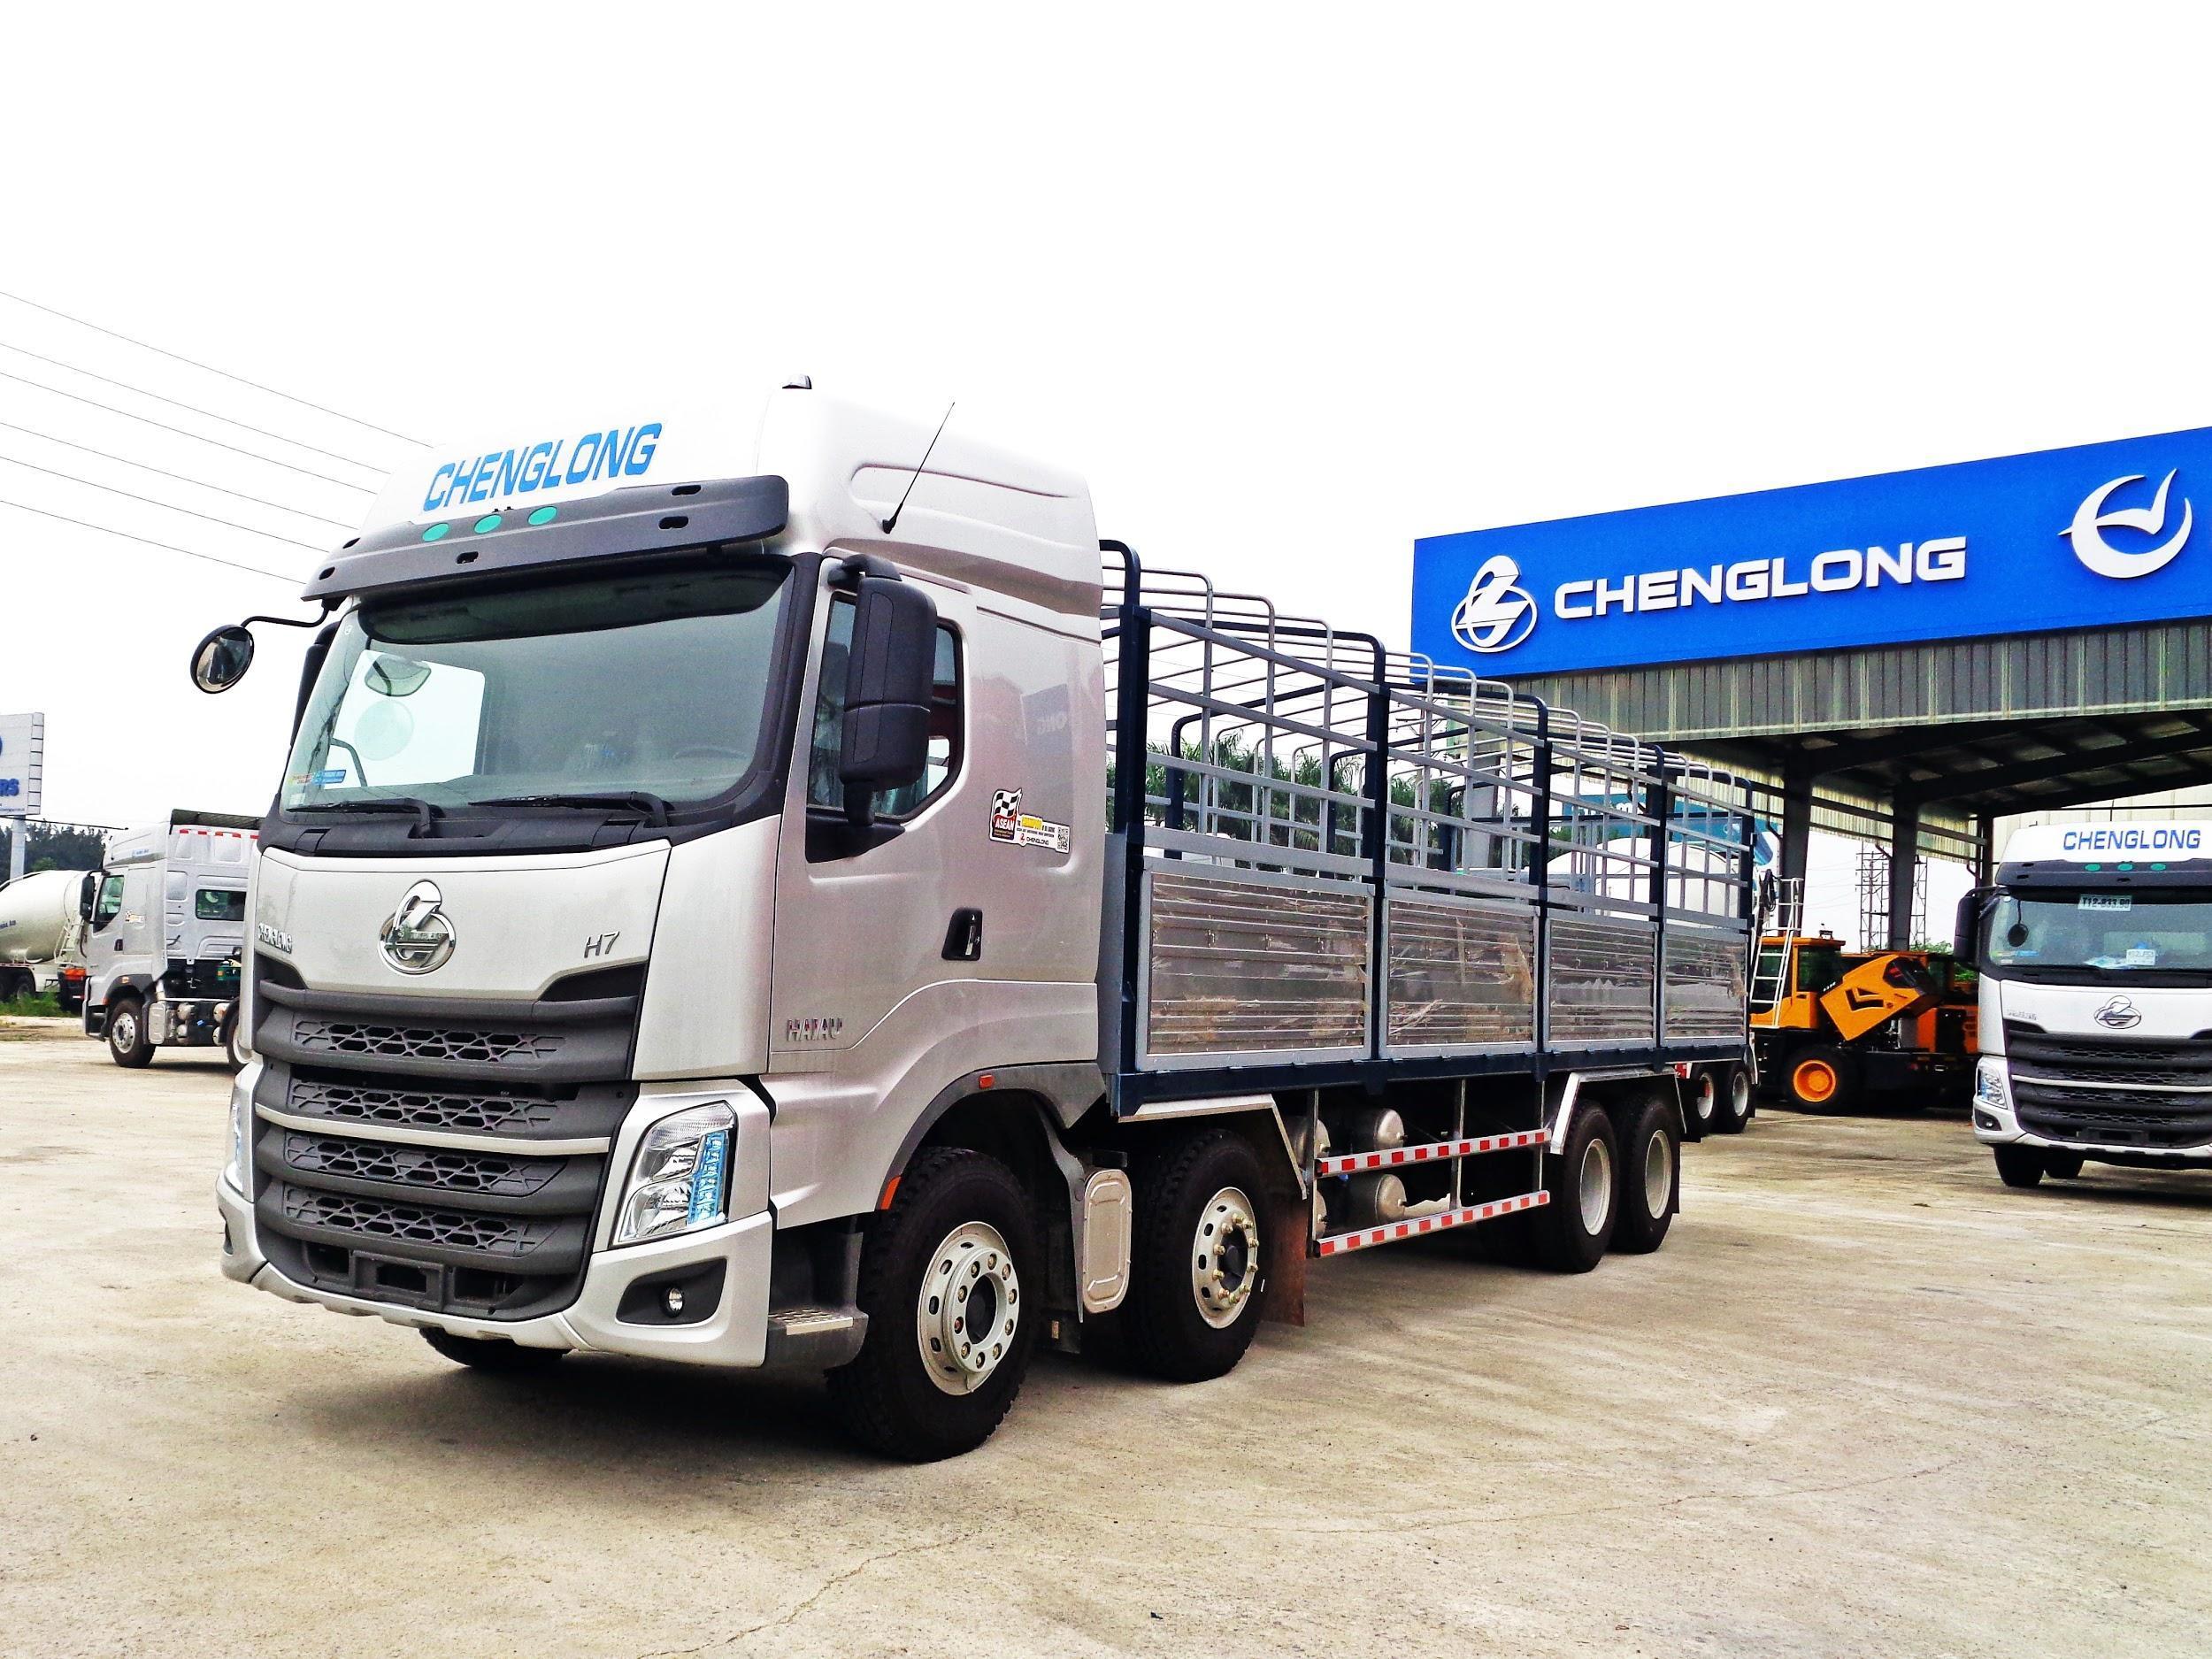 XE TẢI THÙNG CHENGLONG H7 8×4 330HP